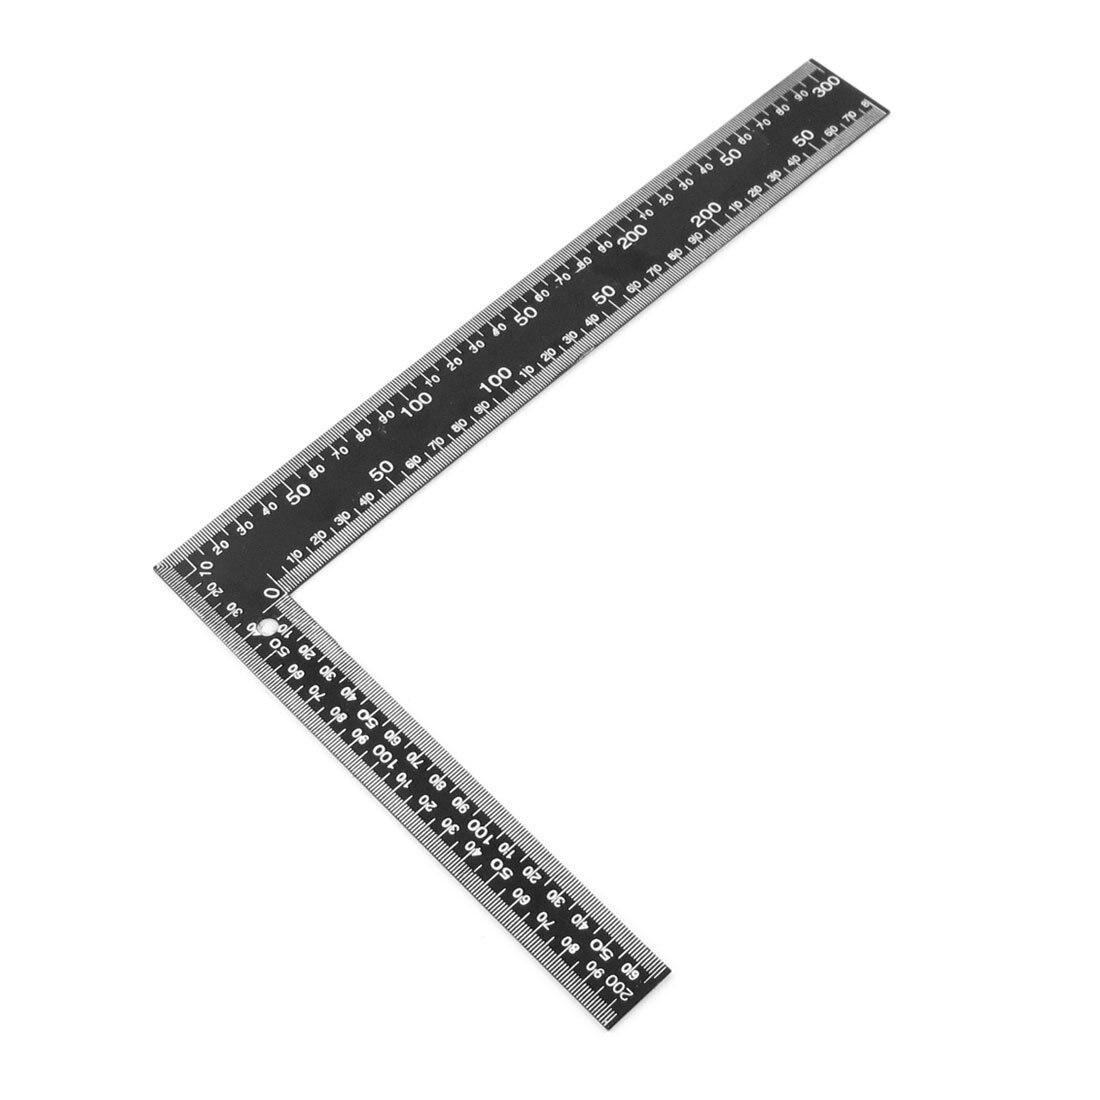 PPYY NEW -Teacher 0-30cm 0-20cm Measuring Range L Shaped Design Square Ruler Black